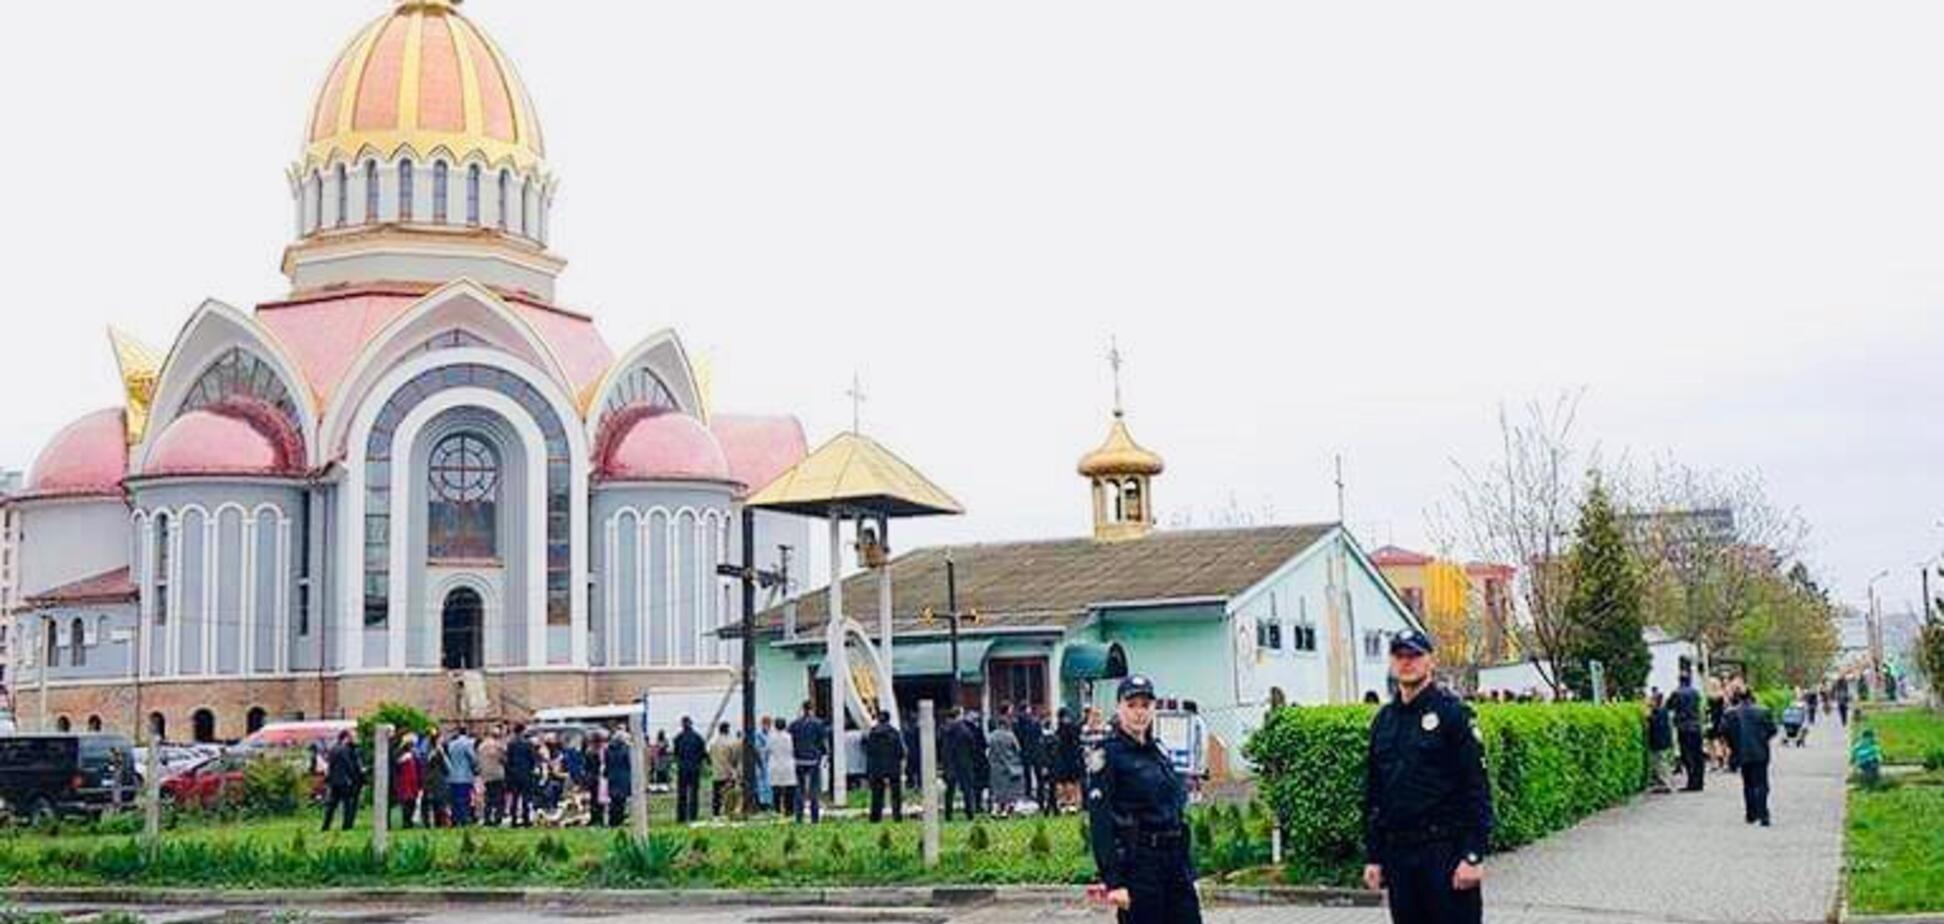 В Украине пригрозили взорвать все церкви на Пасху: полиция призвала к спокойствию